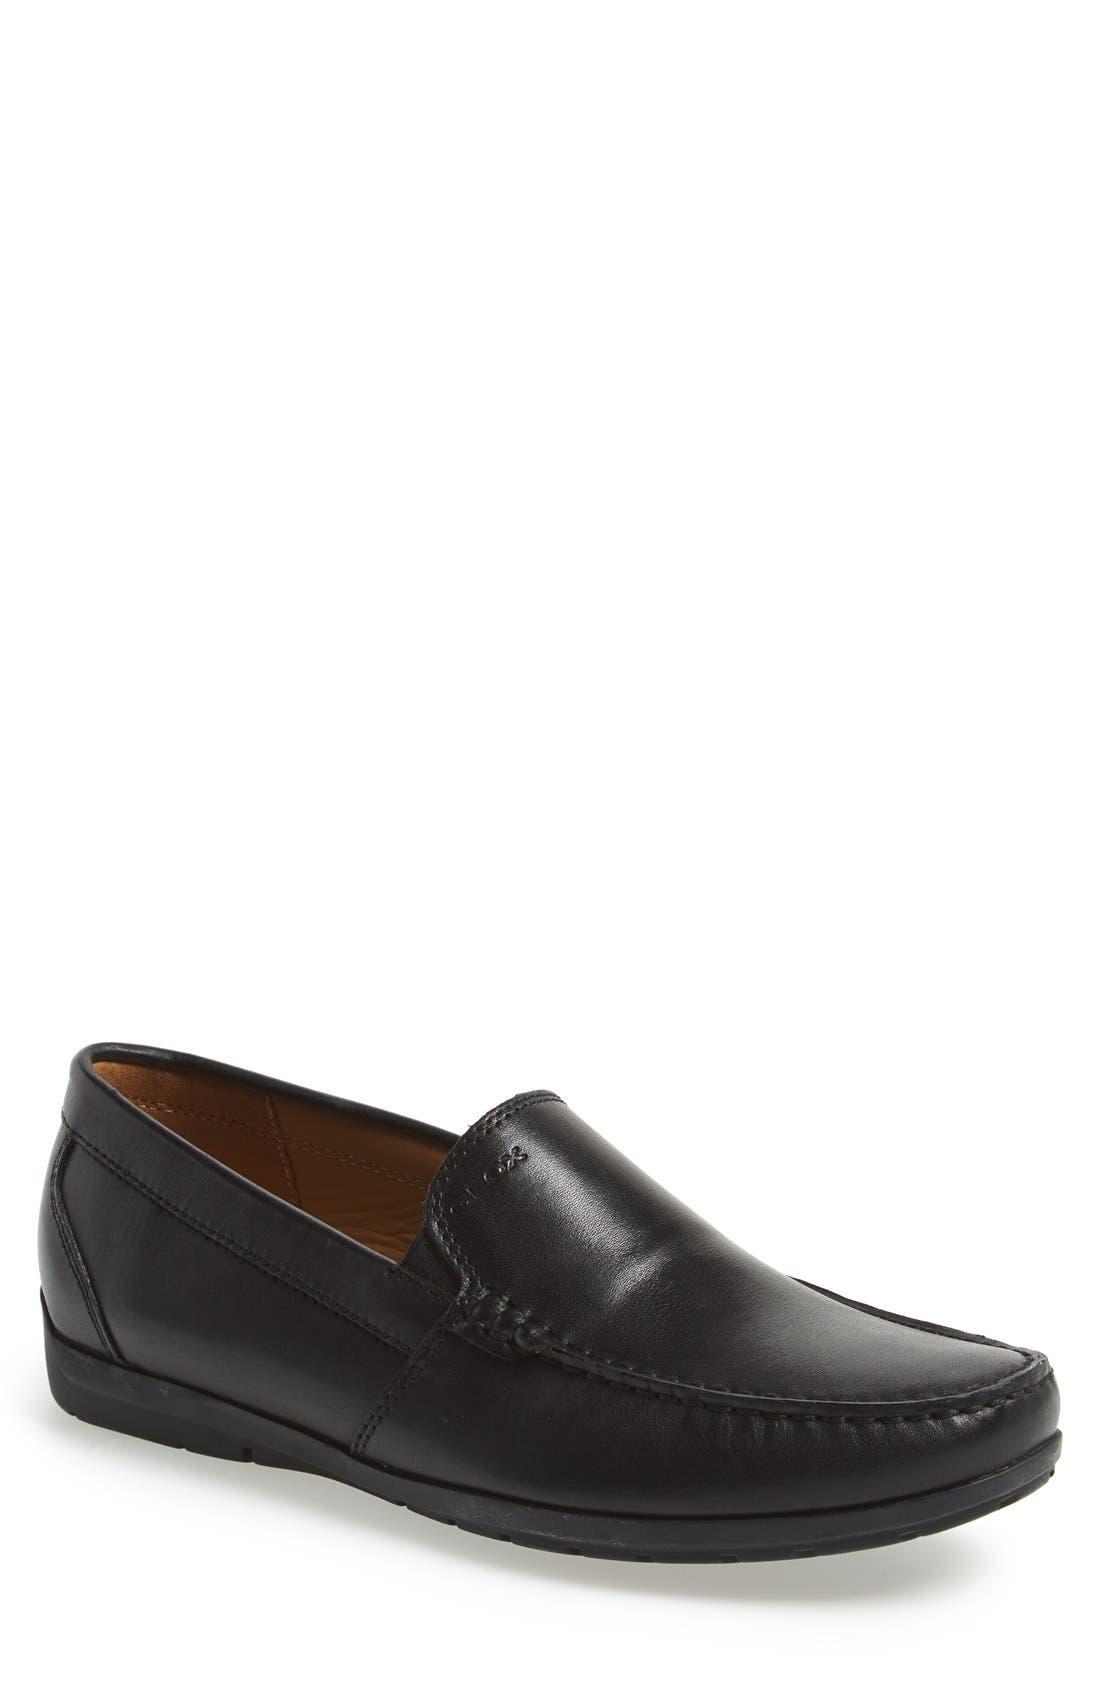 Geox Men's 'Simon W2' Venetian Loafer A4dScpdGl